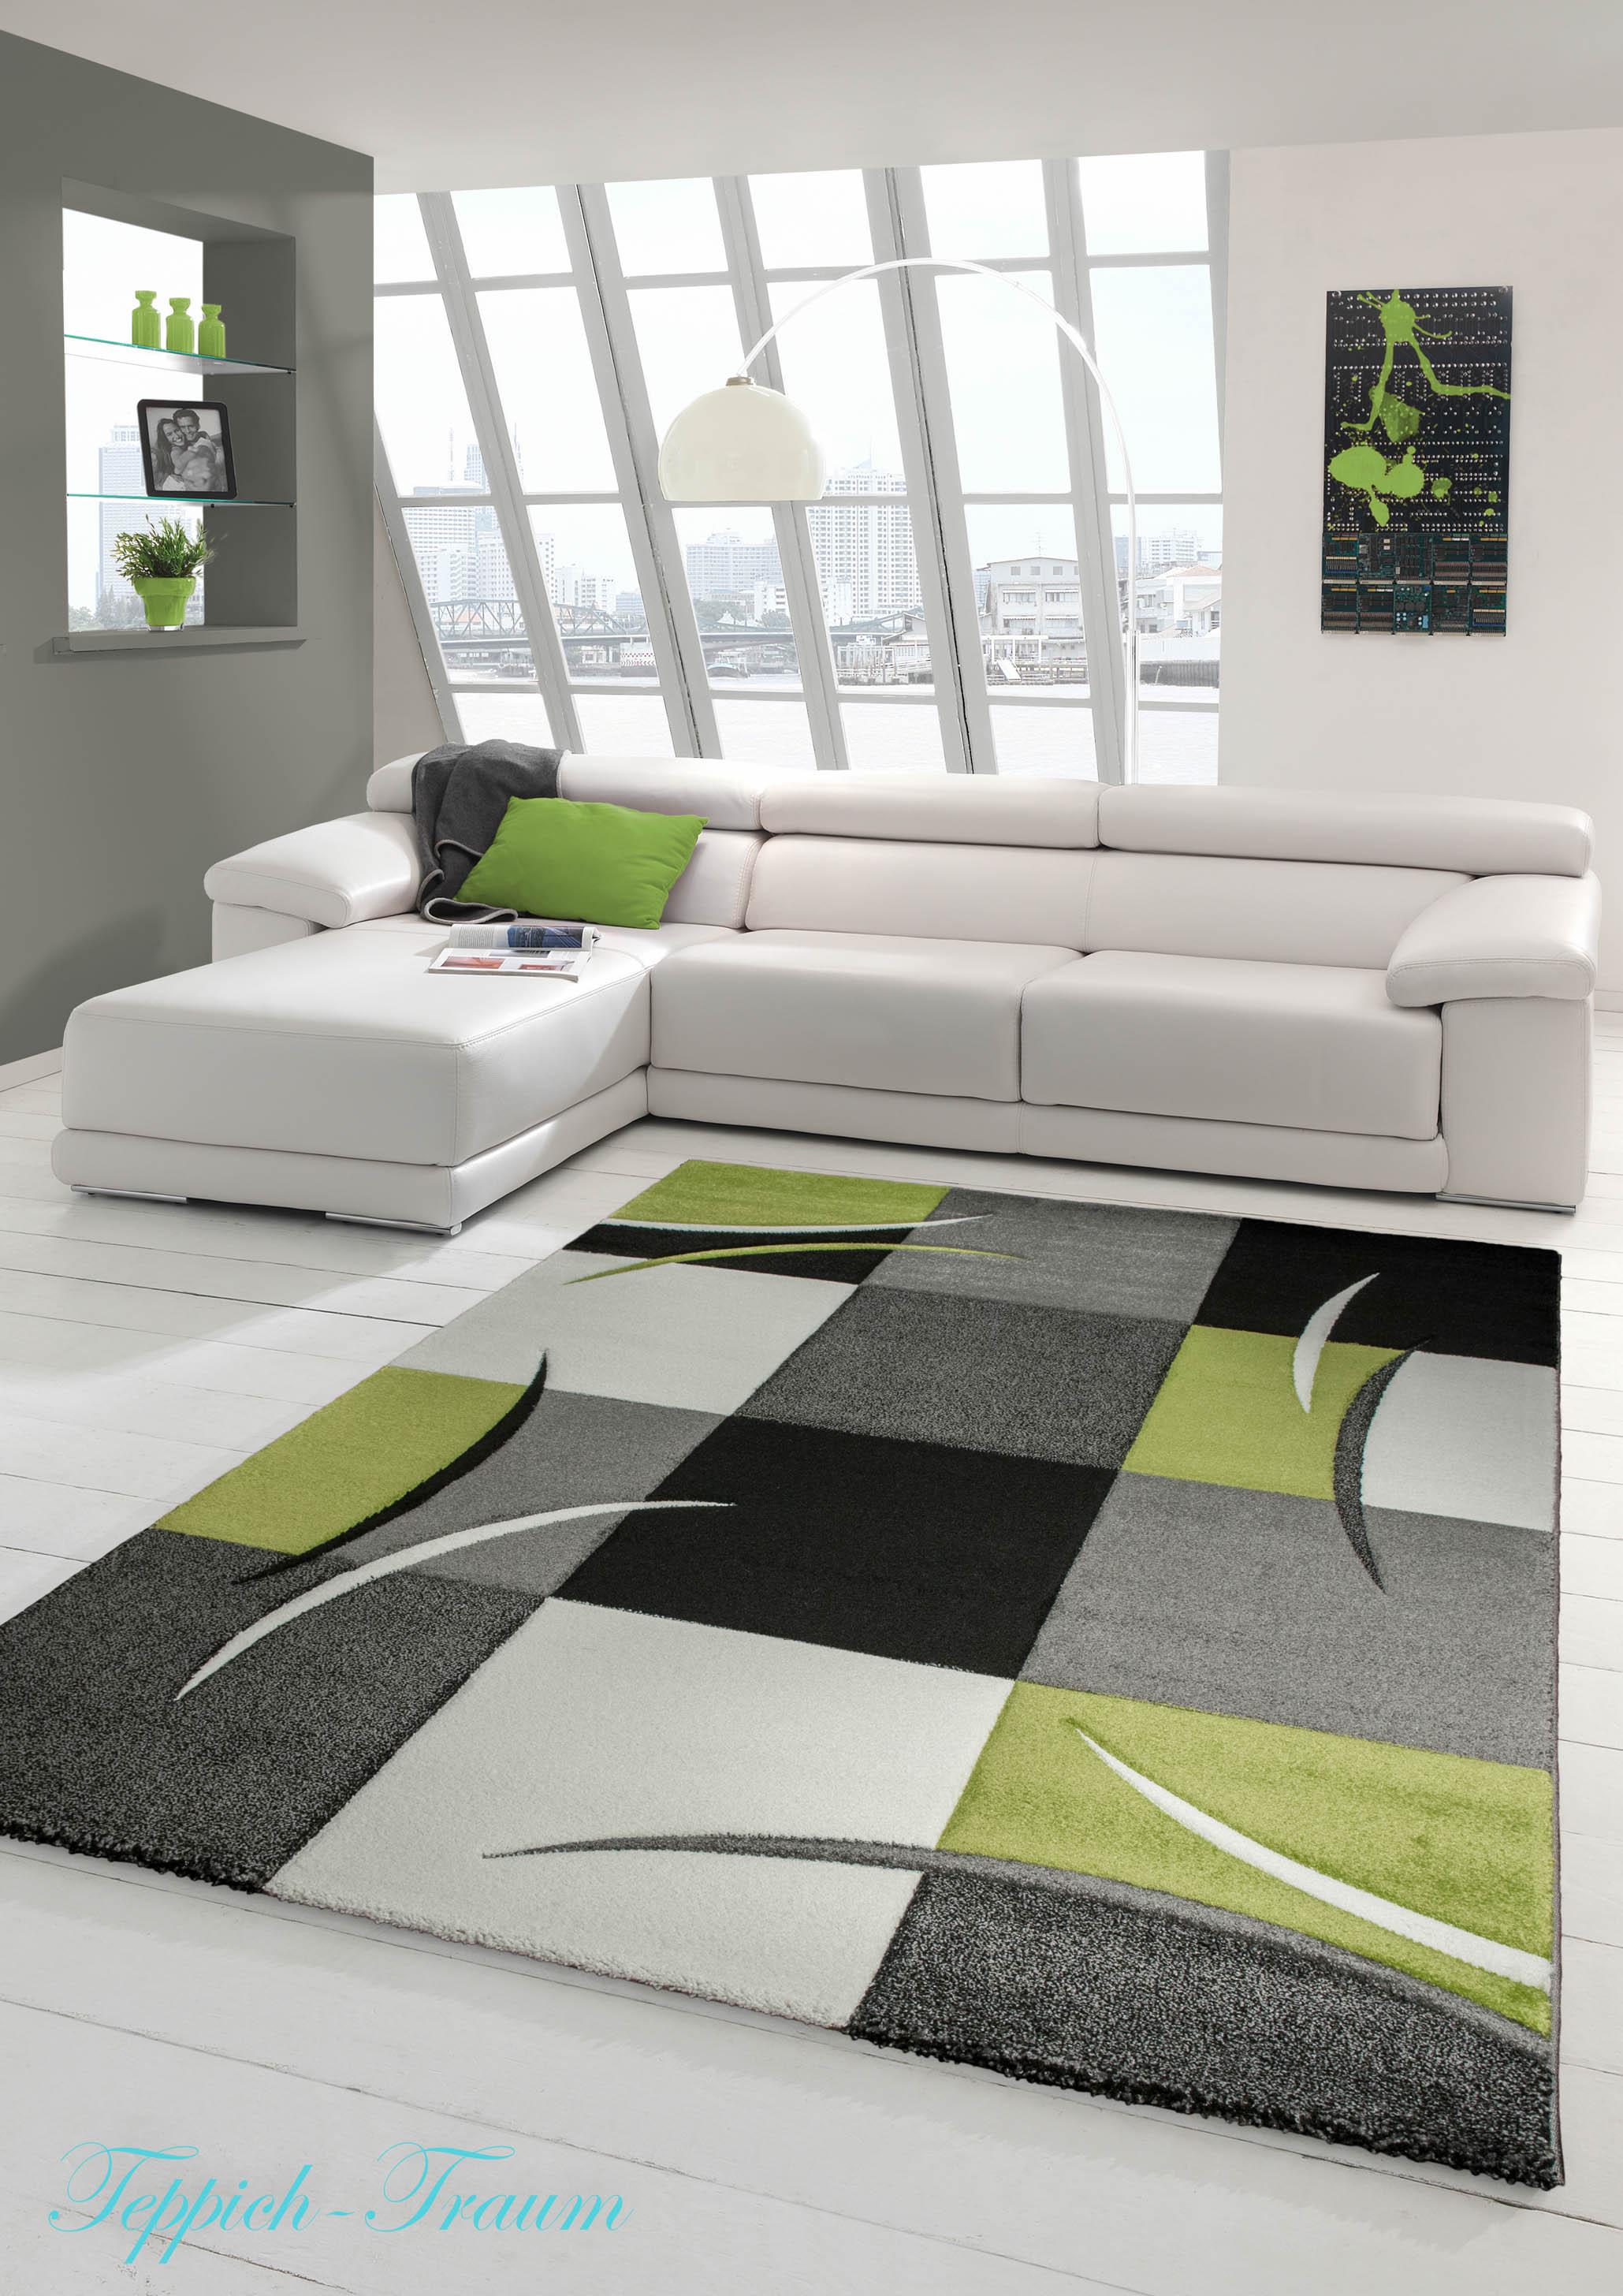 Beautiful Bilder Wohnzimmer Grun Braun Pictures - Amazing Home Ideas - freetattoosdesign.us